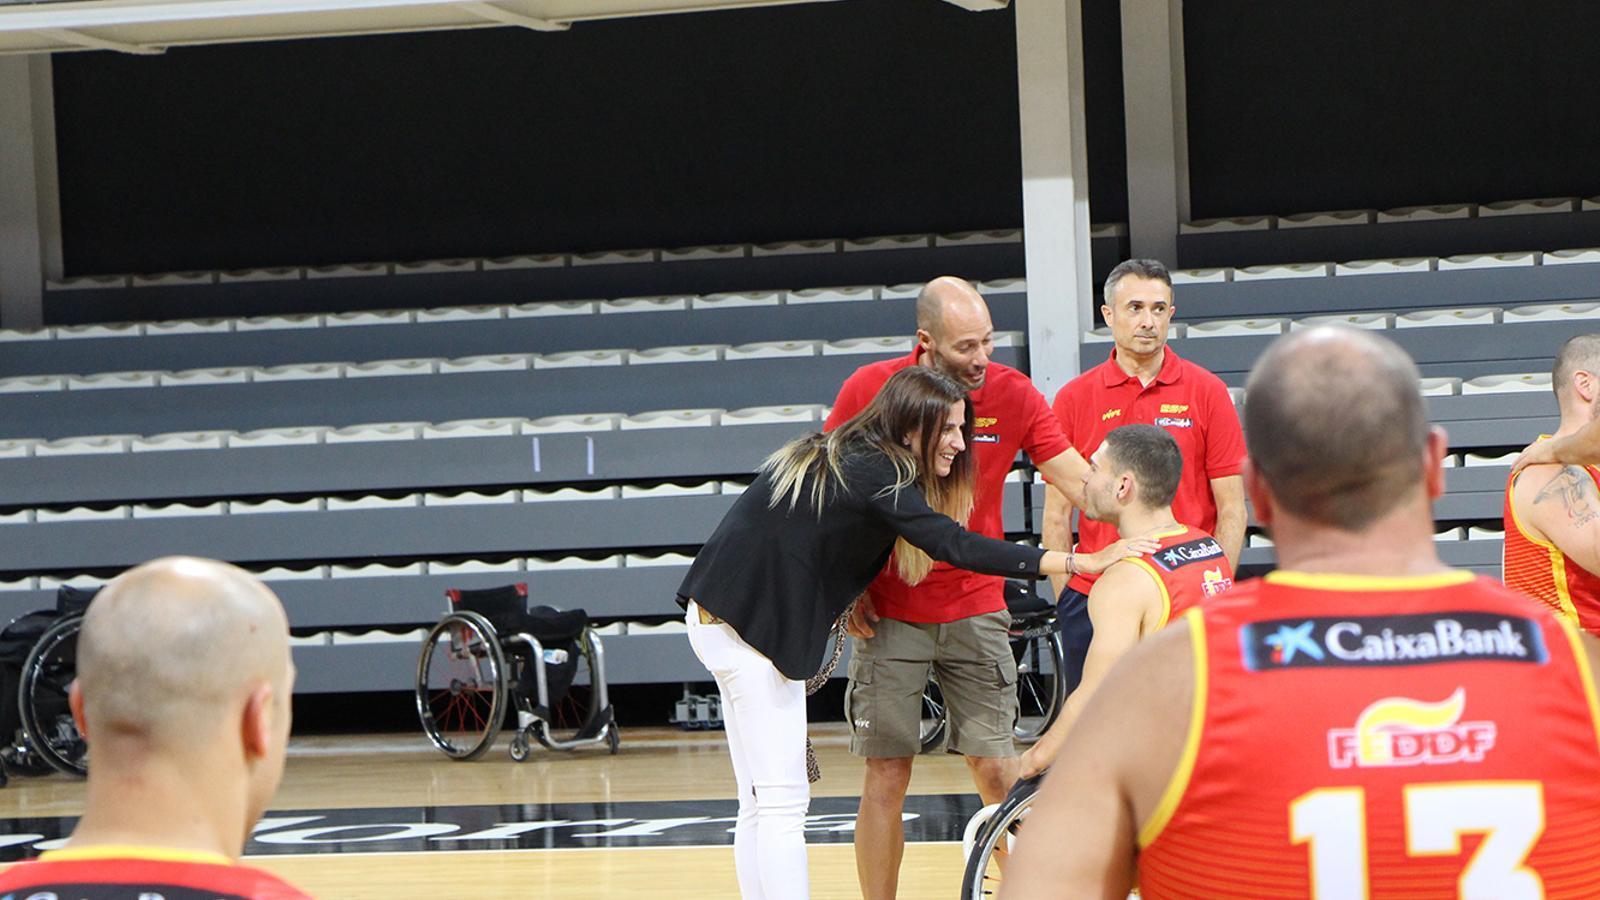 La ministra de Cultura i Esports, Sílvia Riva, conversa amb integrants de la federació espanyola de bàsquet adaptat. / M. F. (ANA)